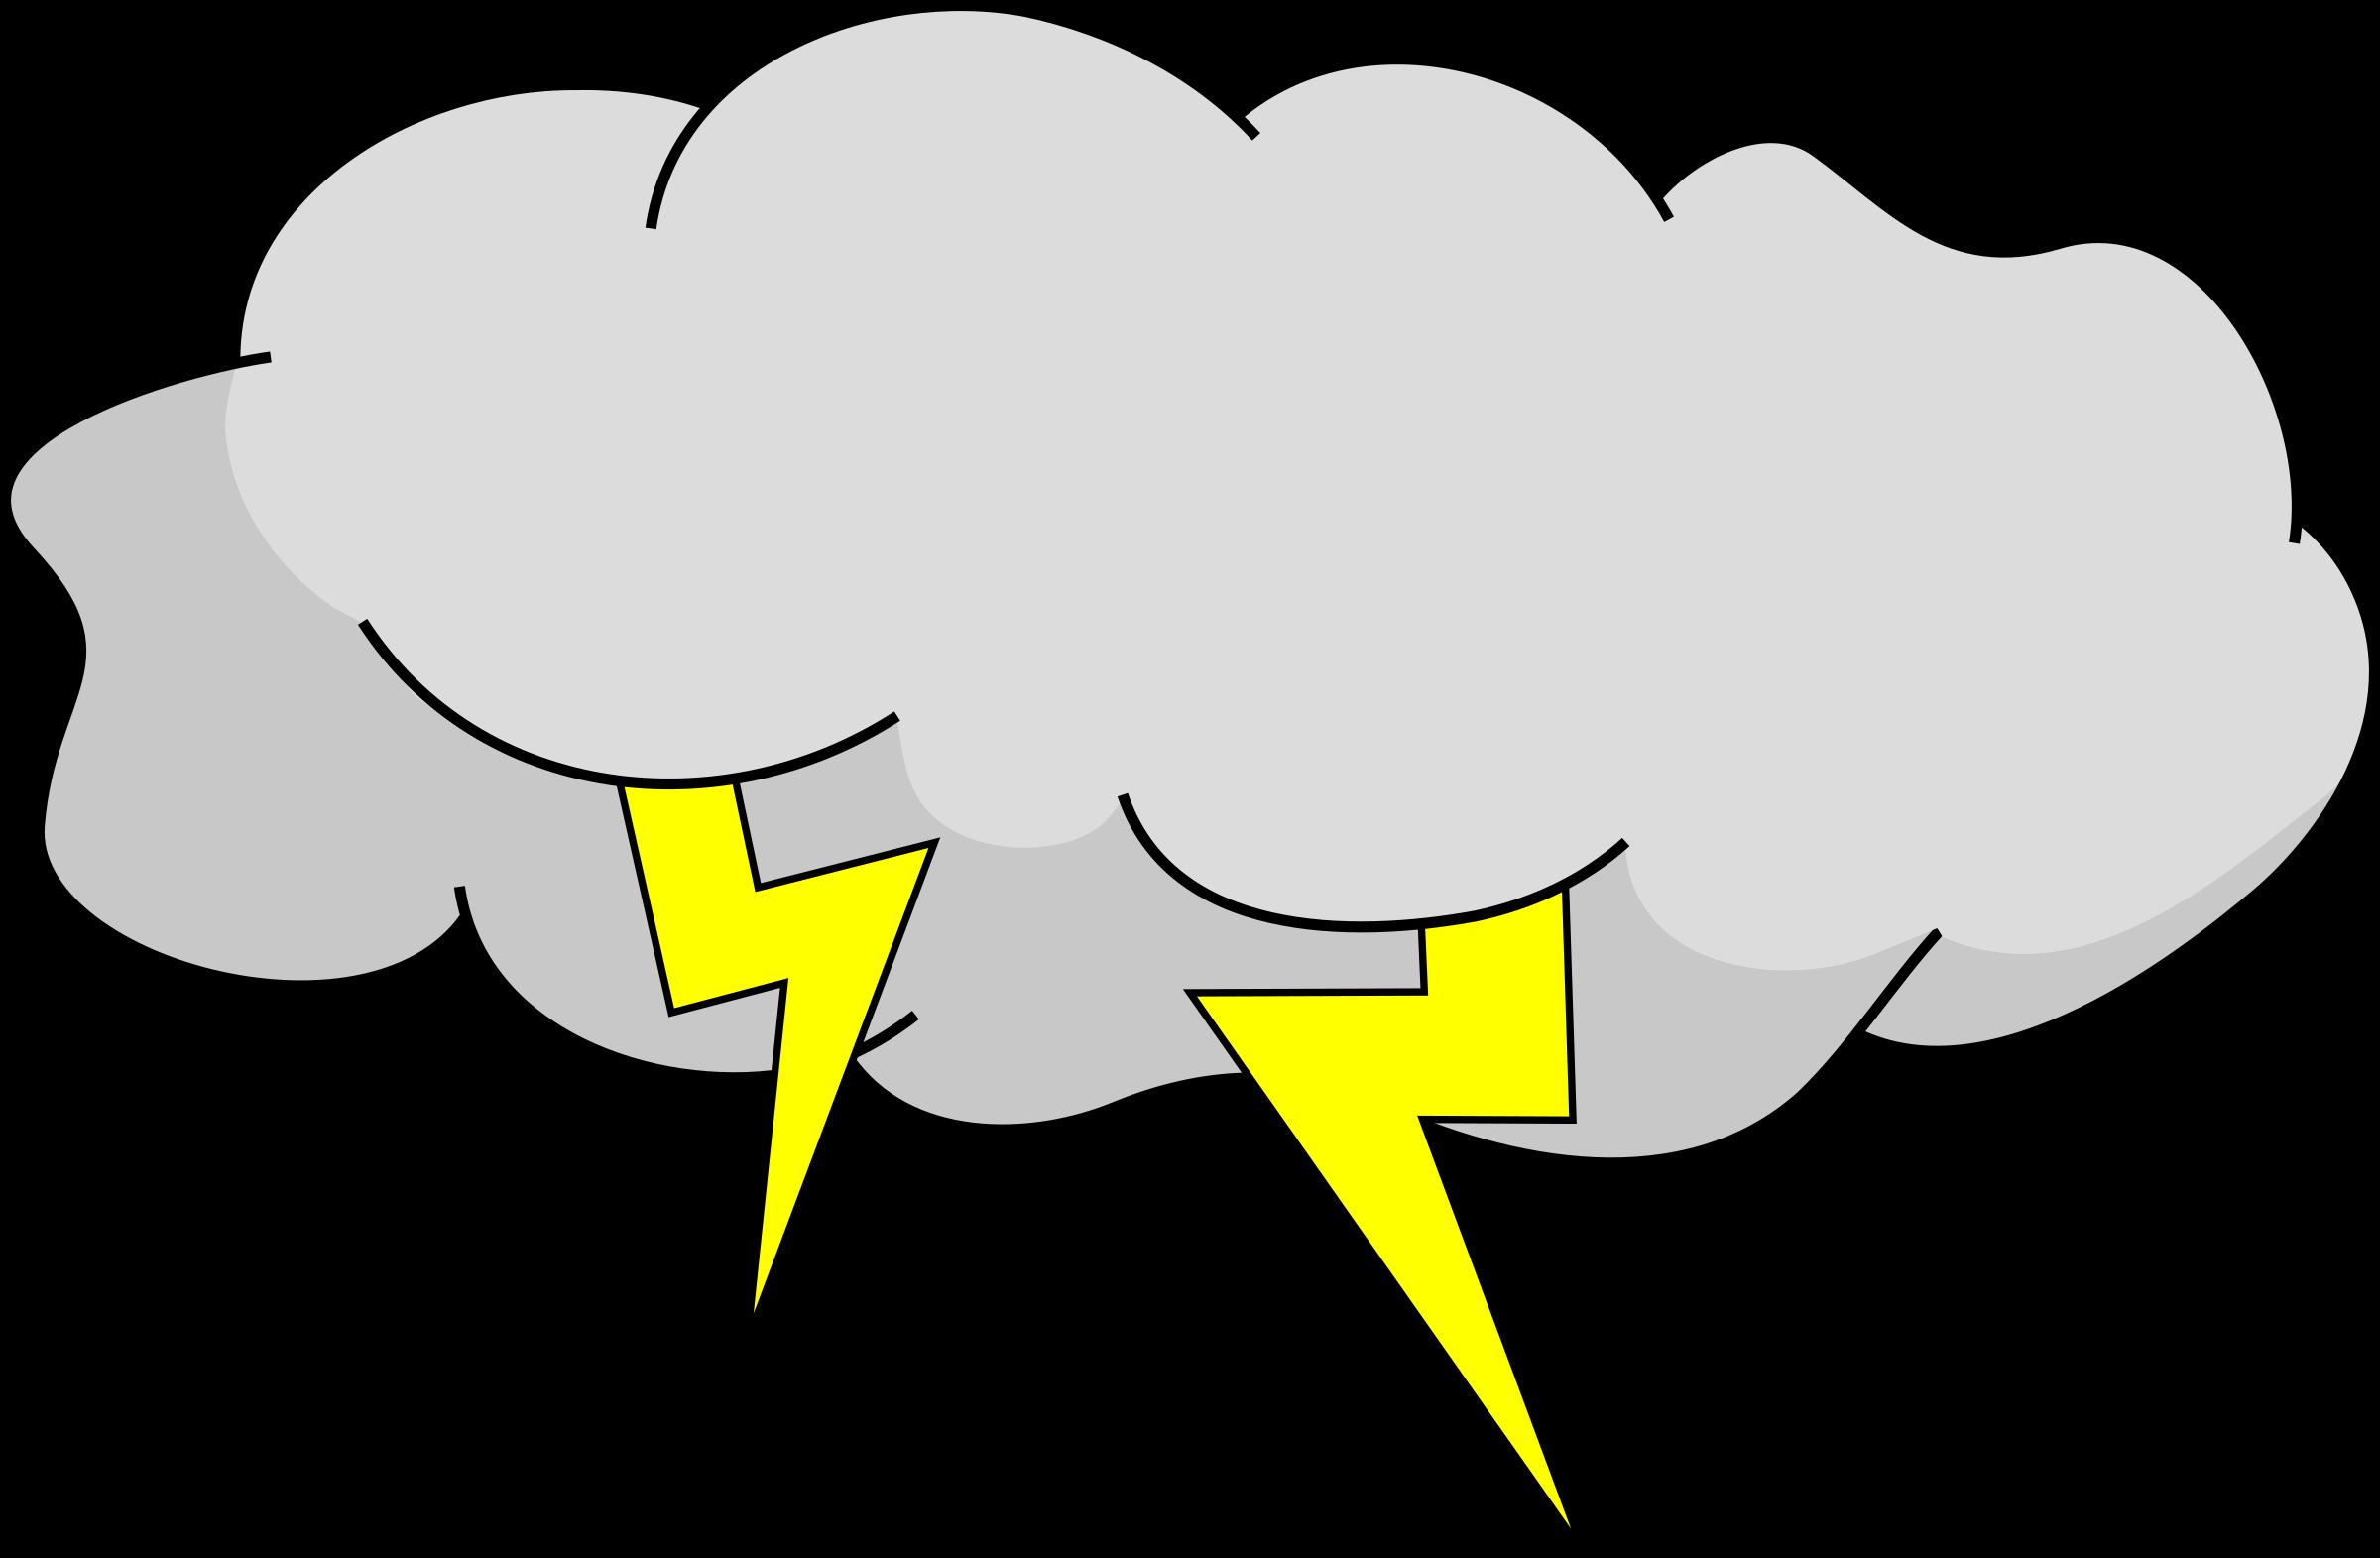 Storm cloud big image. Raindrop clipart thunderstorm